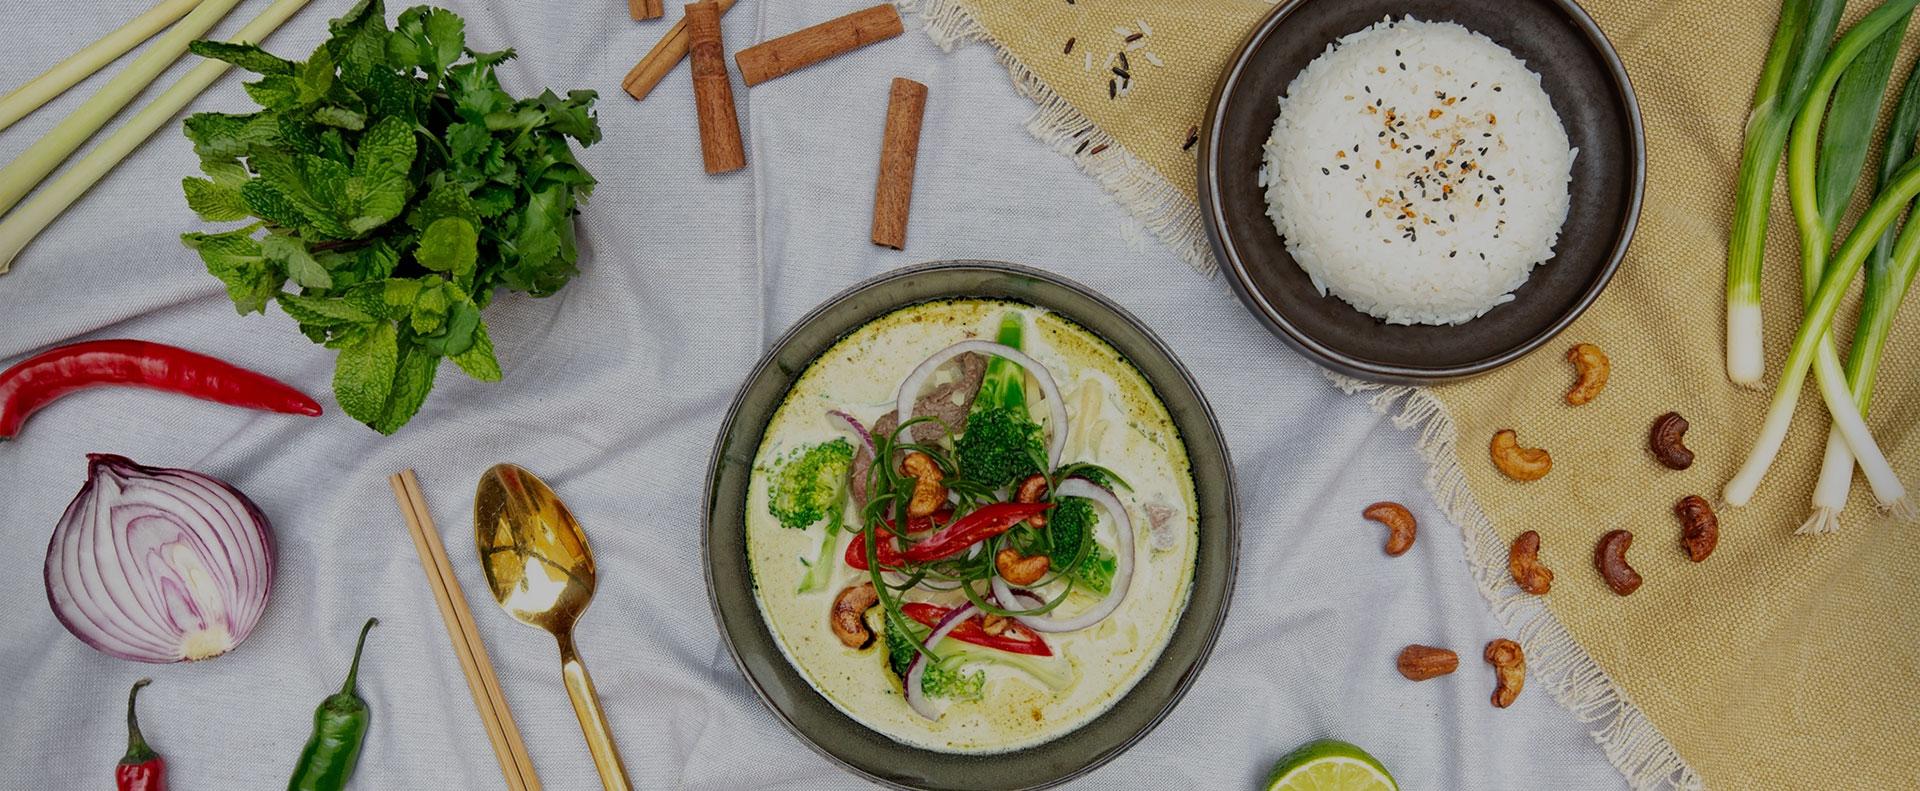 Få en lækker asiatisk måltidskasse fra DailyNam